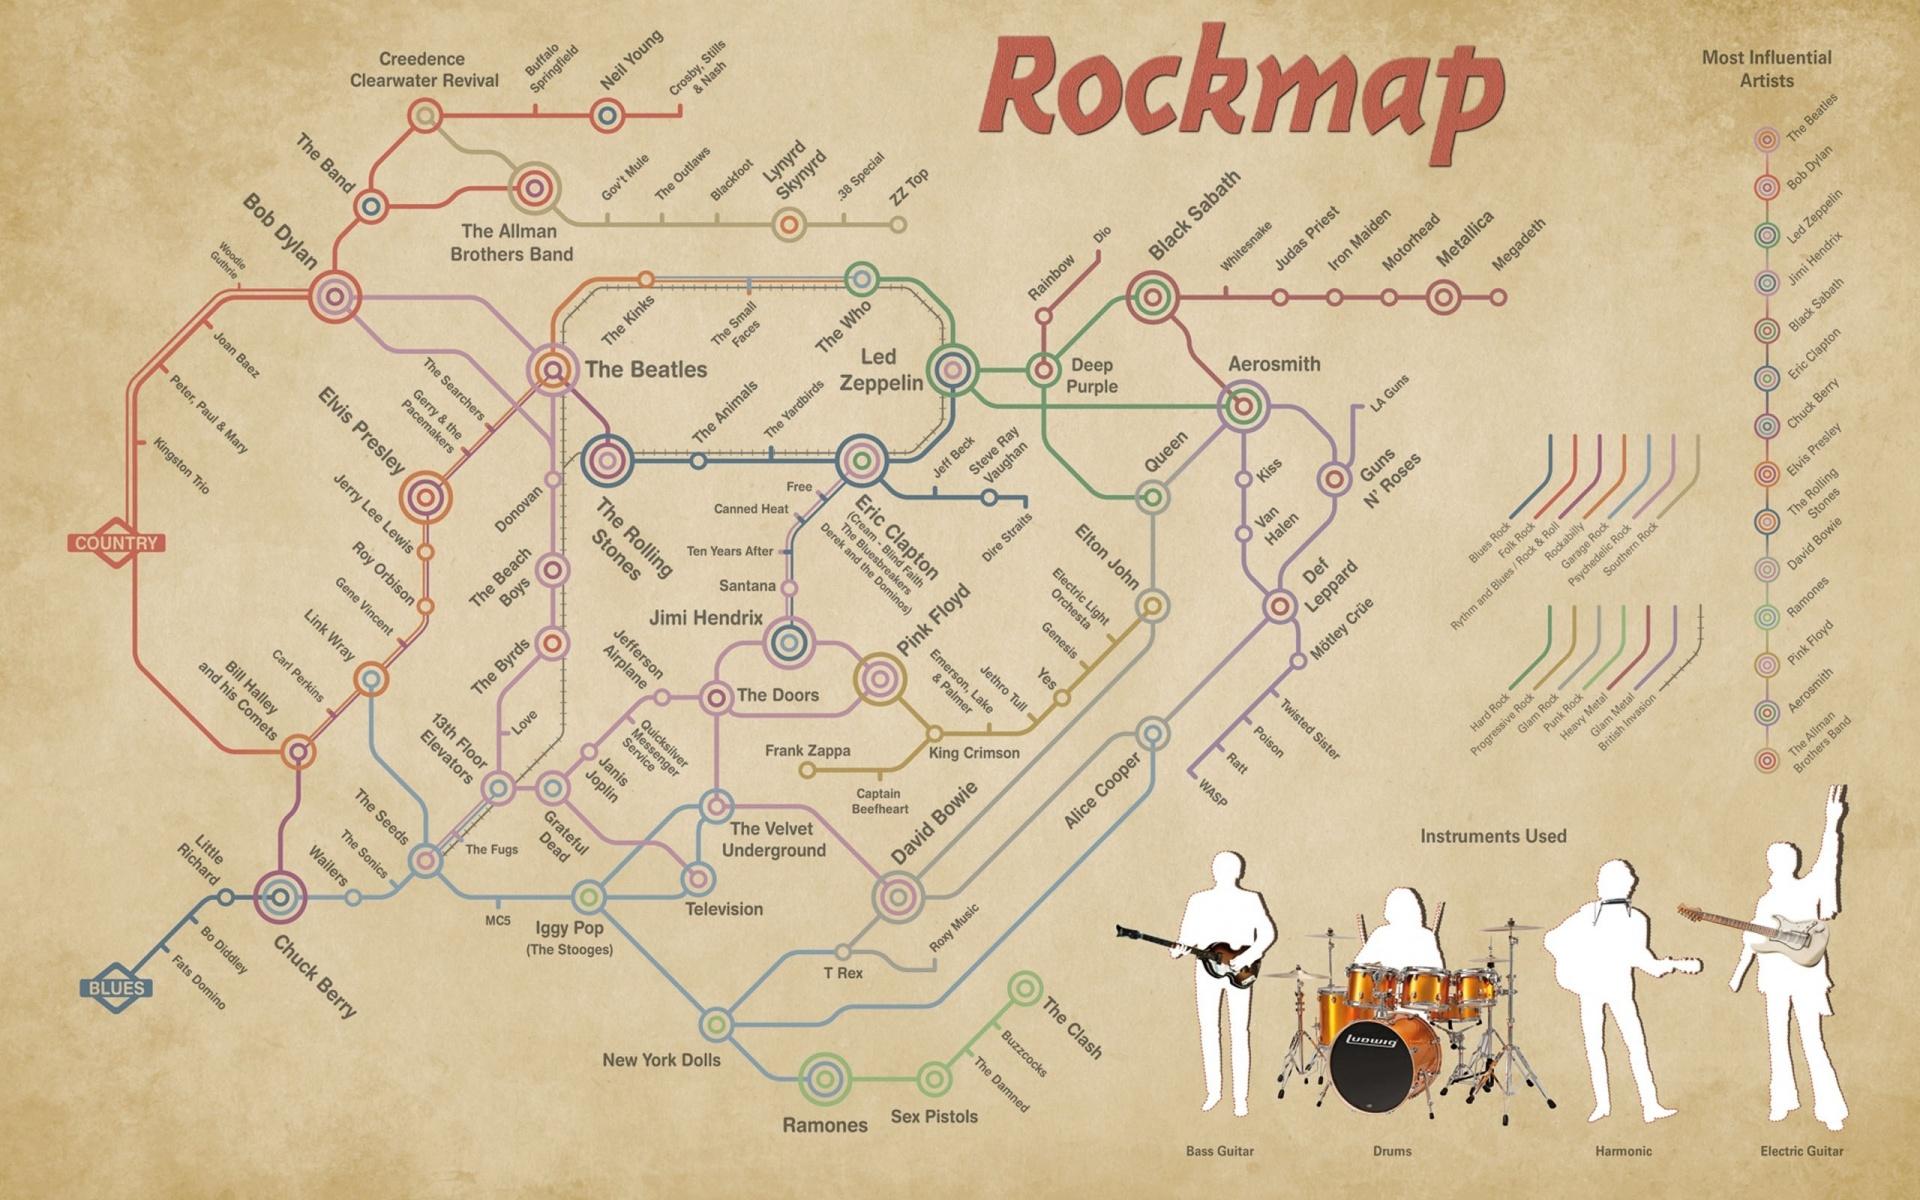 http://1.bp.blogspot.com/-6JnQ_2hEBWE/UDeMk82ho-I/AAAAAAAAD0c/EYRdzSwngKQ/s1920/classic-rock-legends-1200.jpg